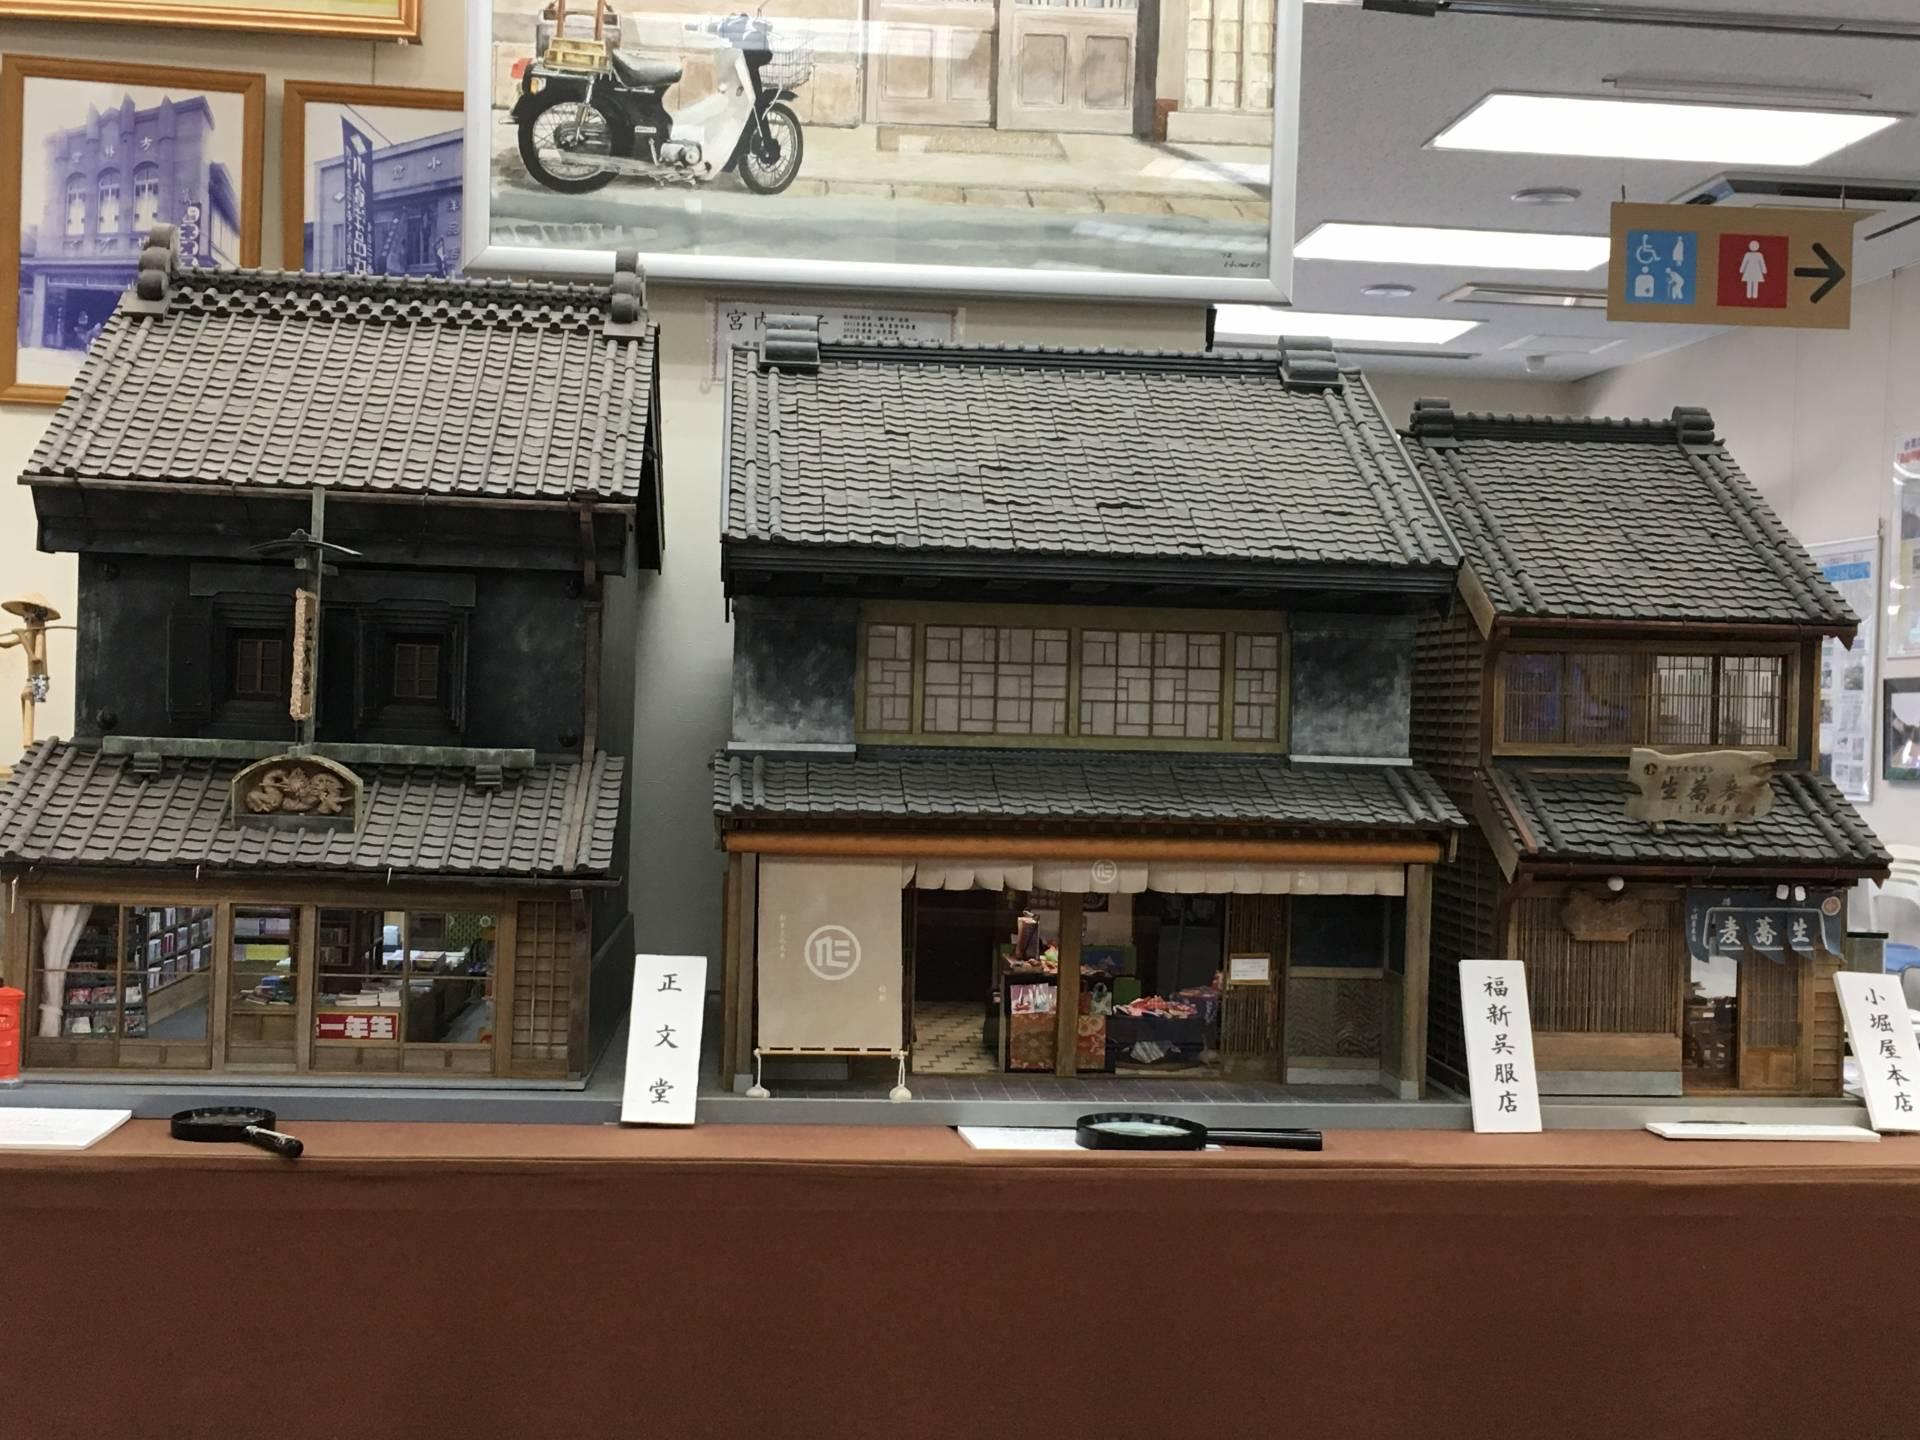 老建物的袖珍模型